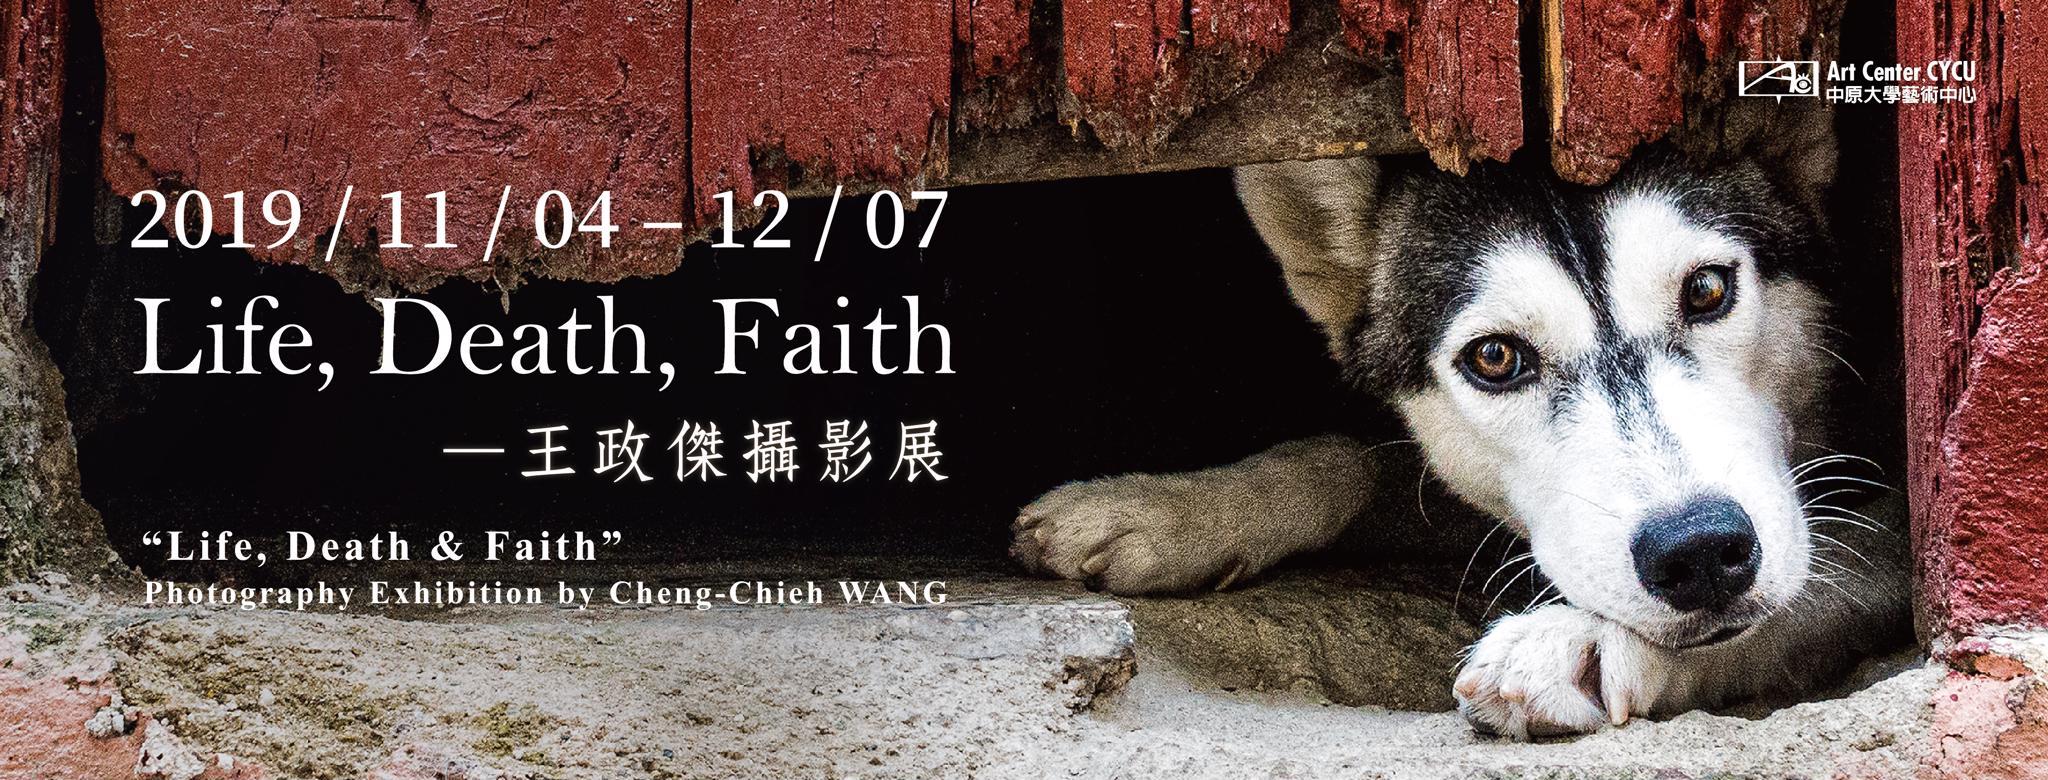 Life, Death, Faith - 王政傑攝影展